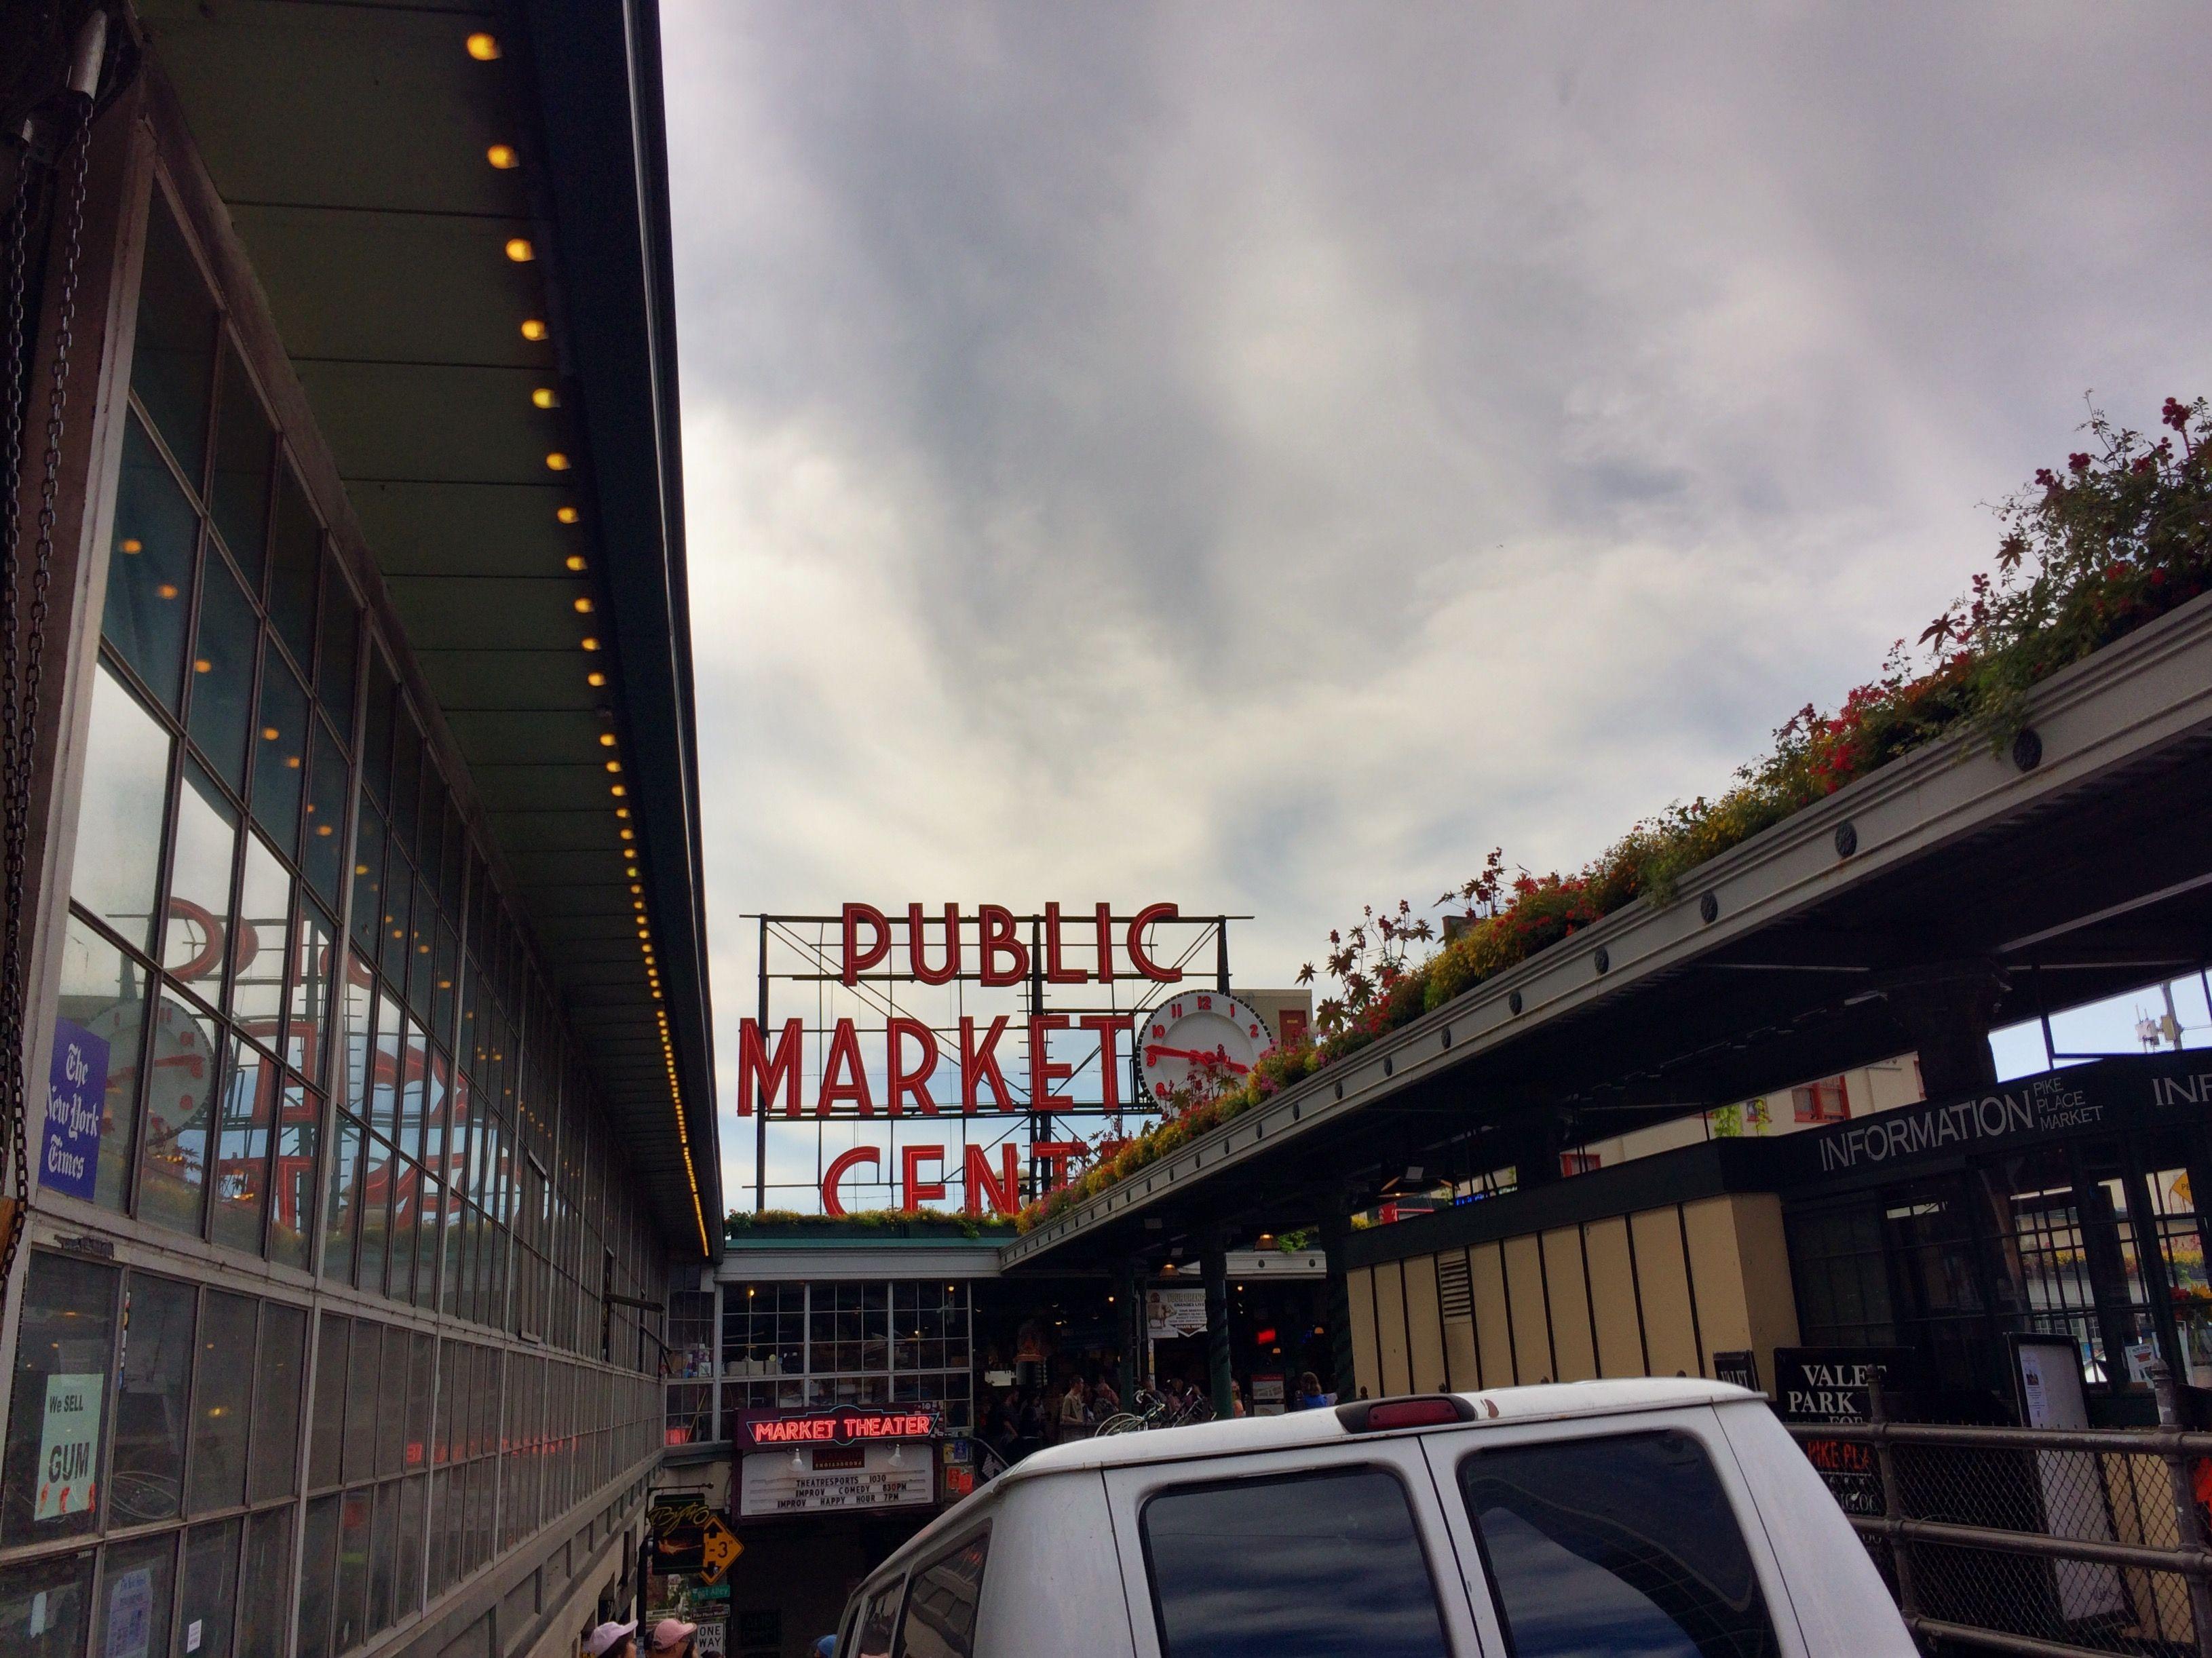 madeleine110248 Public market, Broadway shows, Public